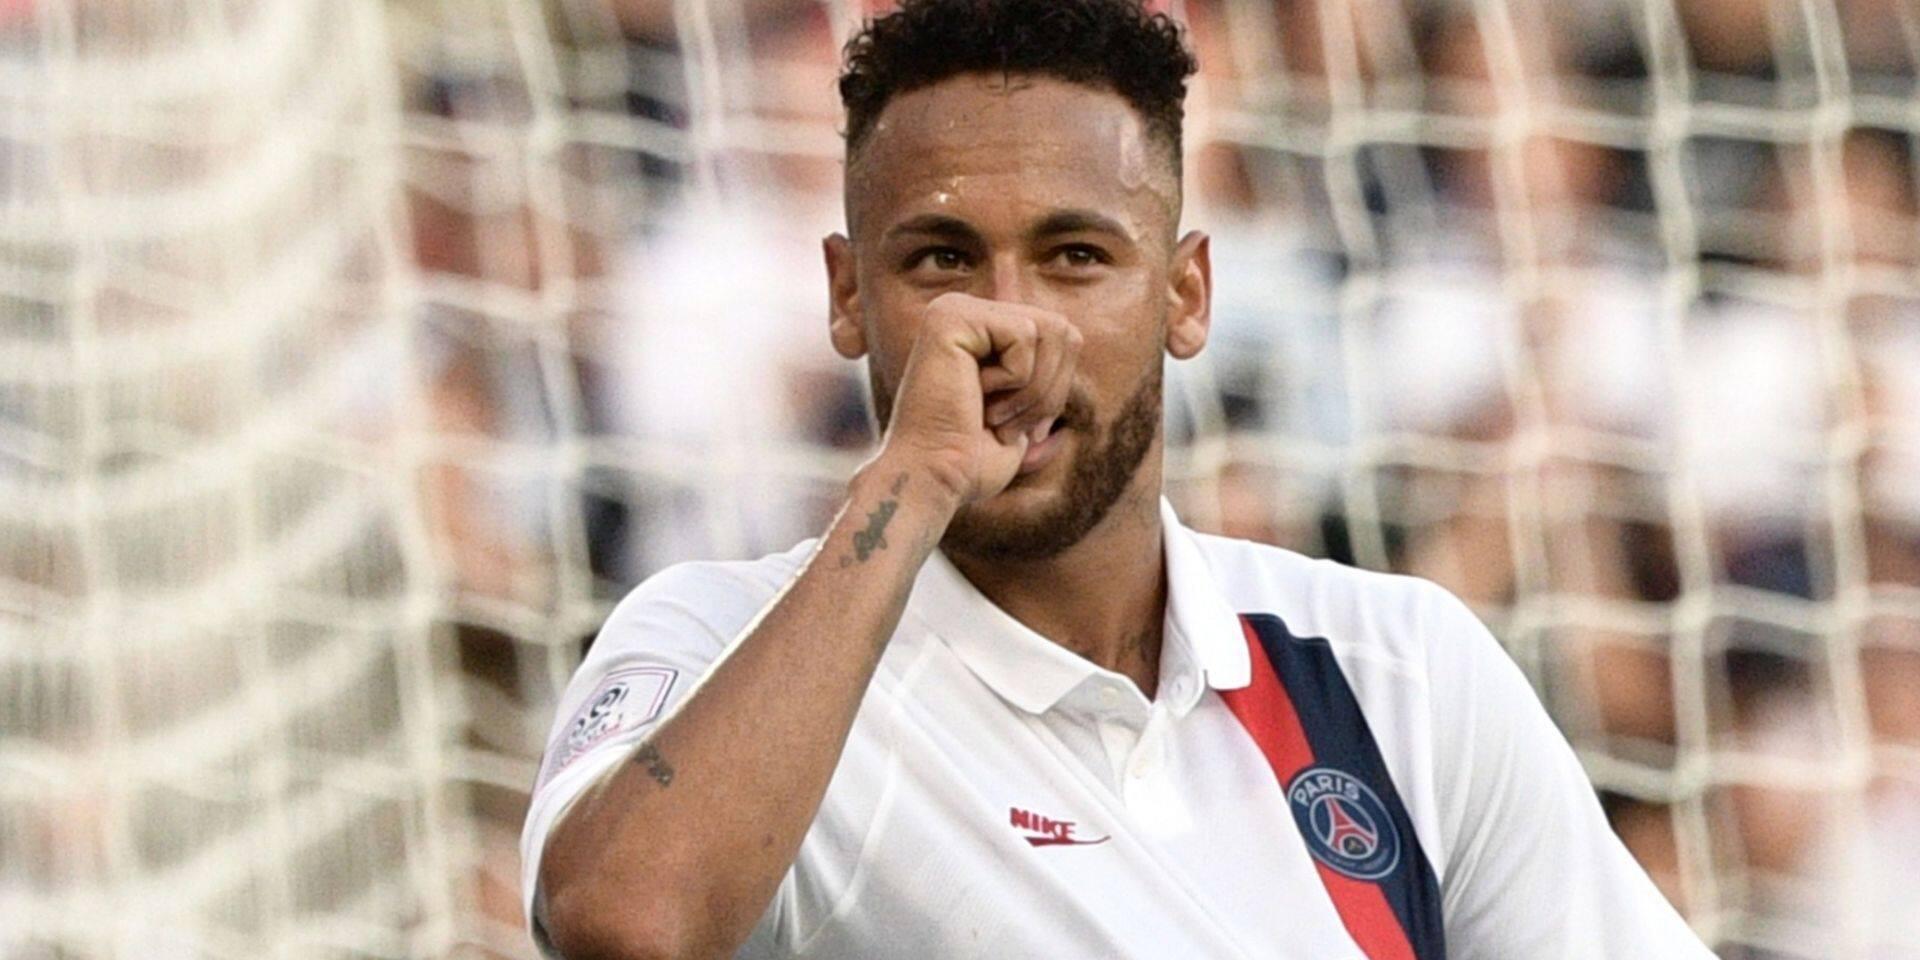 """Les """"Toiss"""", ces amis proches de neymar payés 11.000 € par mois"""